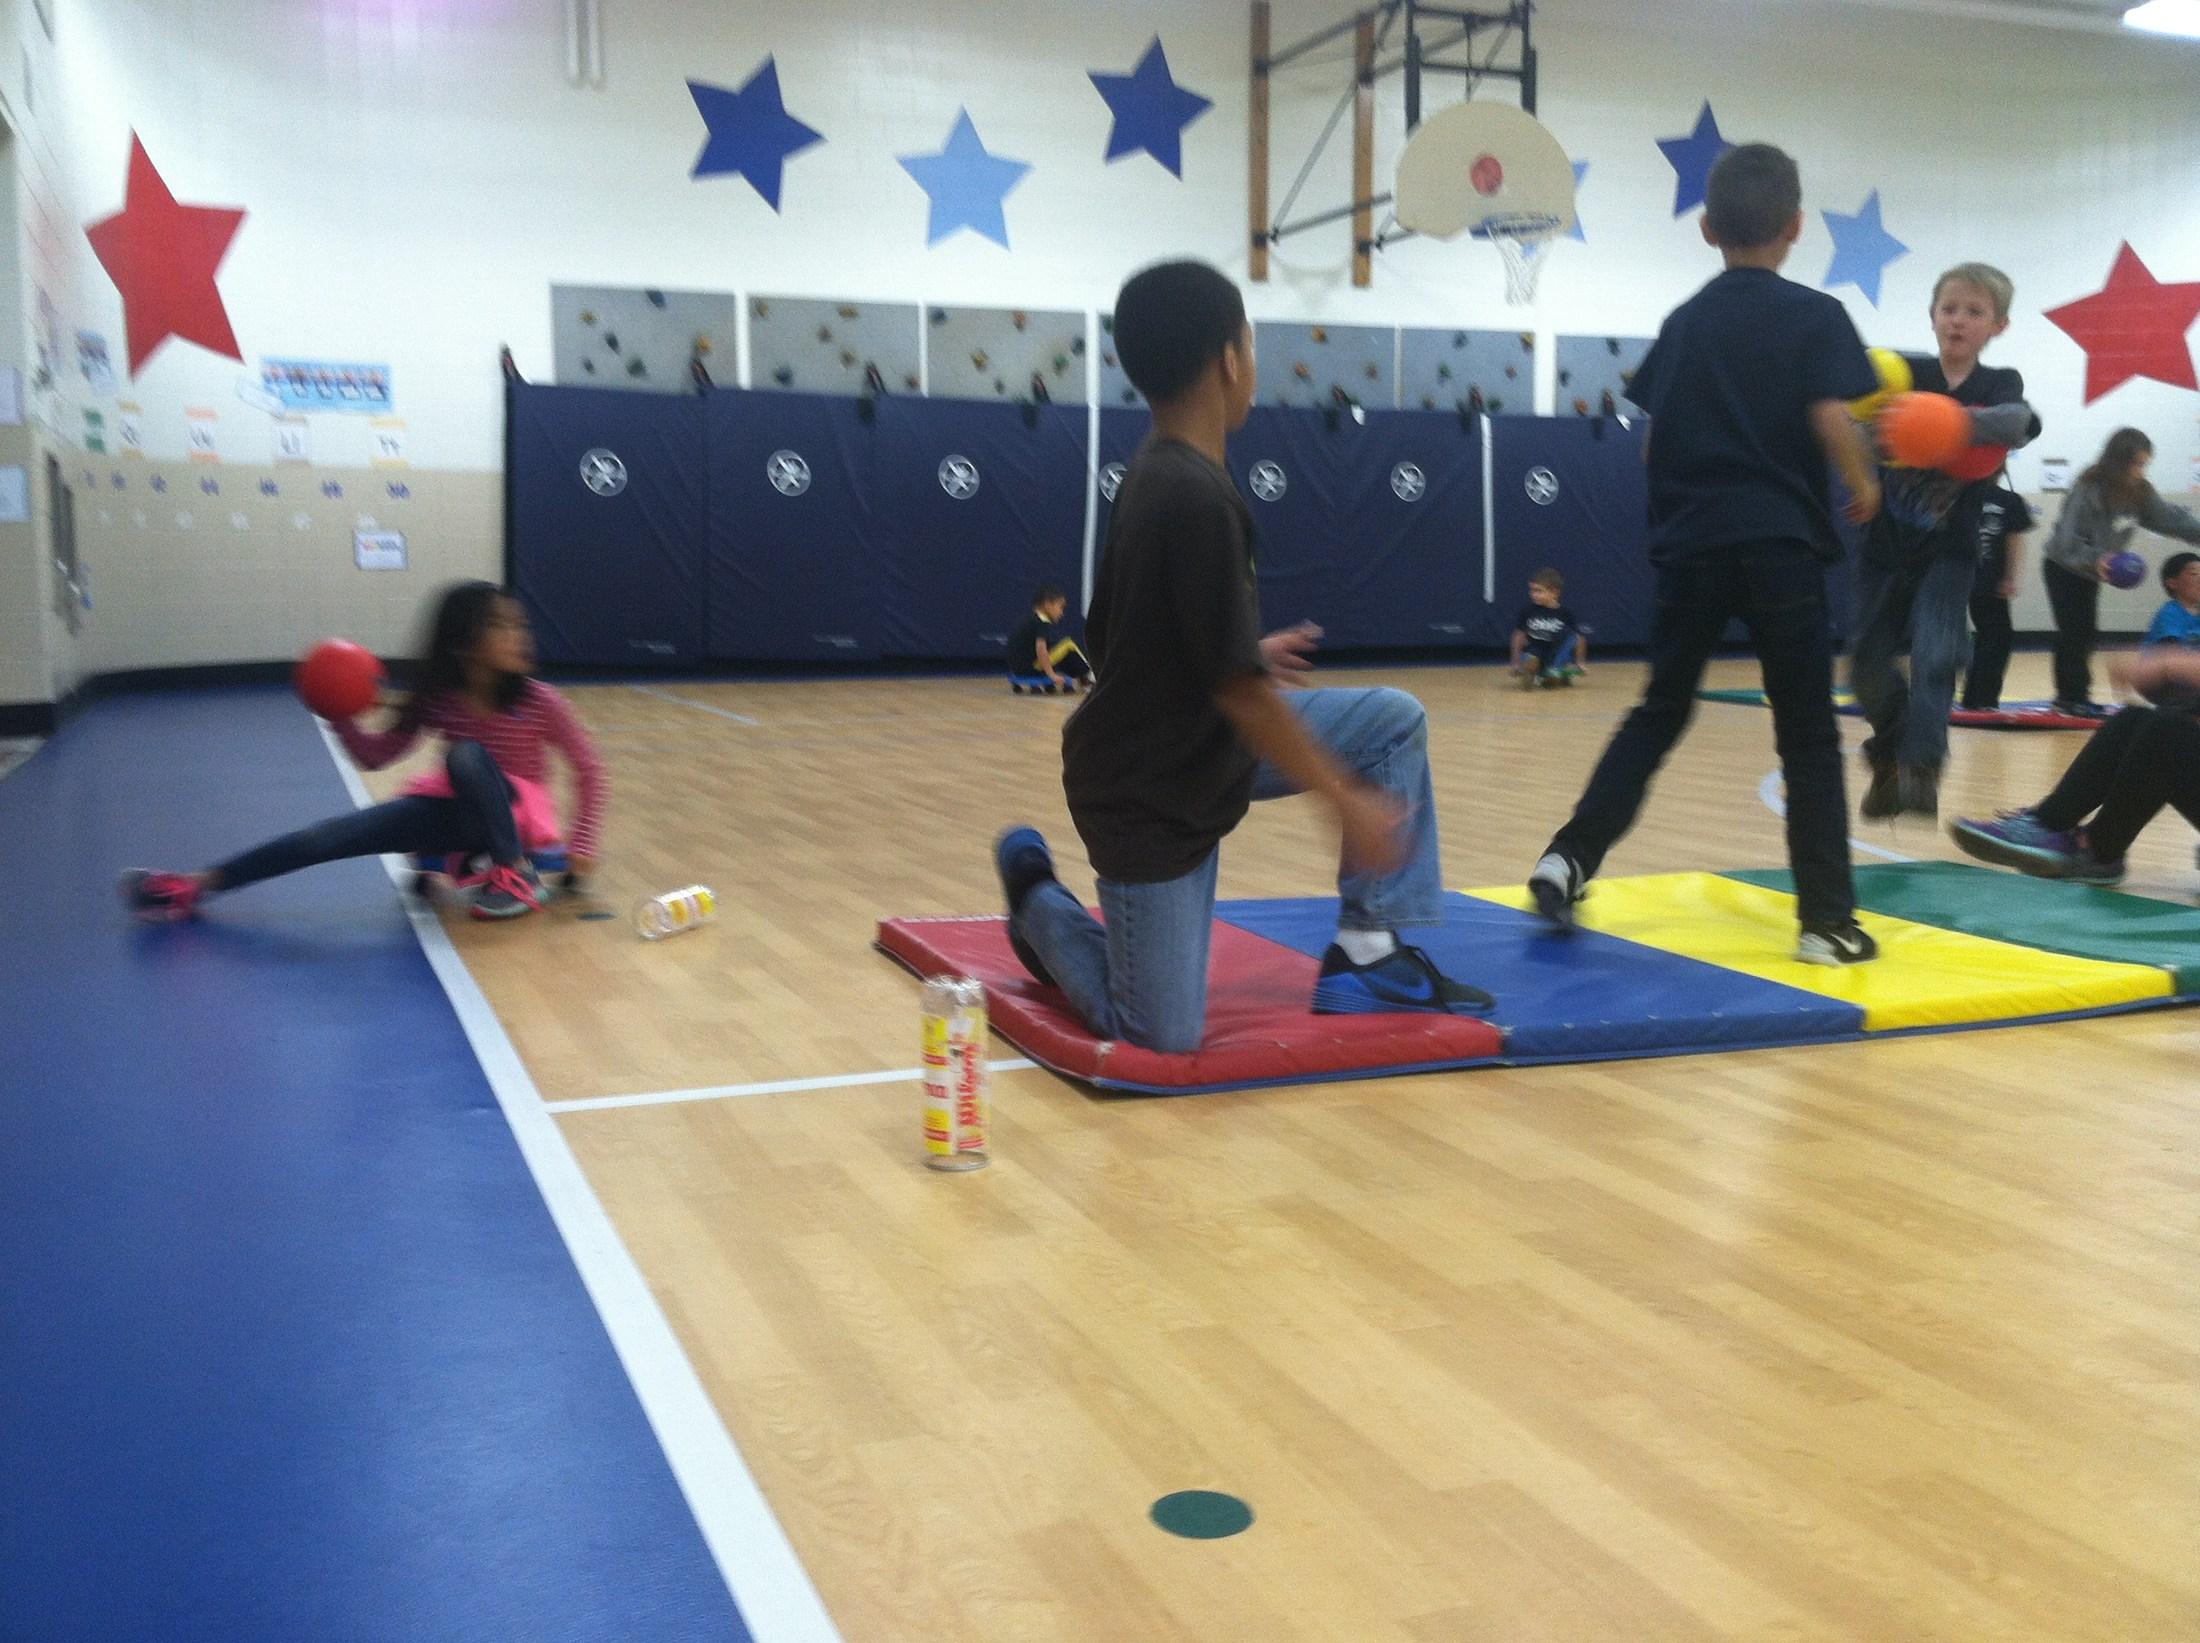 Fun time in the gym.